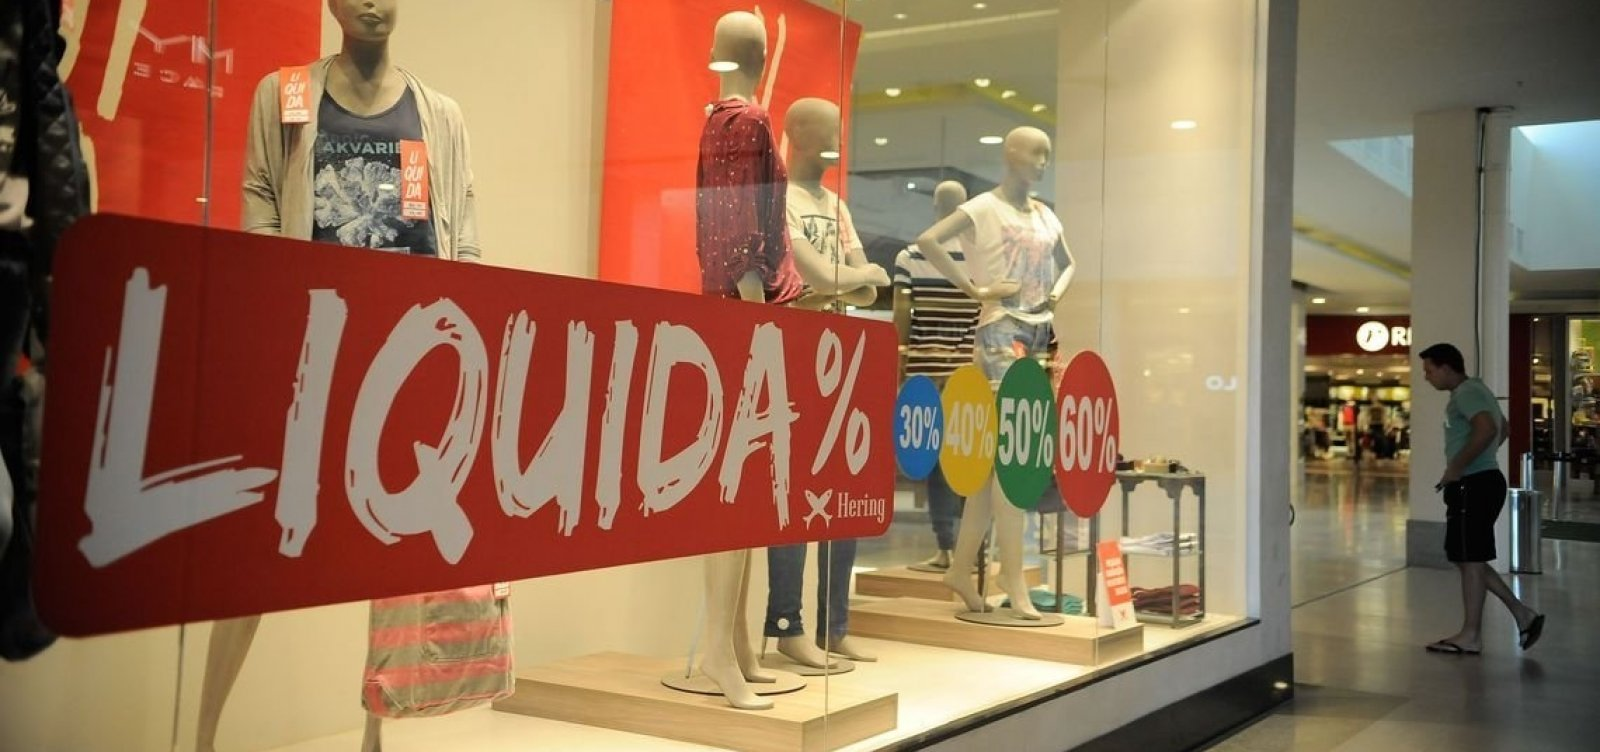 Nova decisão judicial cancela feriado do Dia dos Comerciários